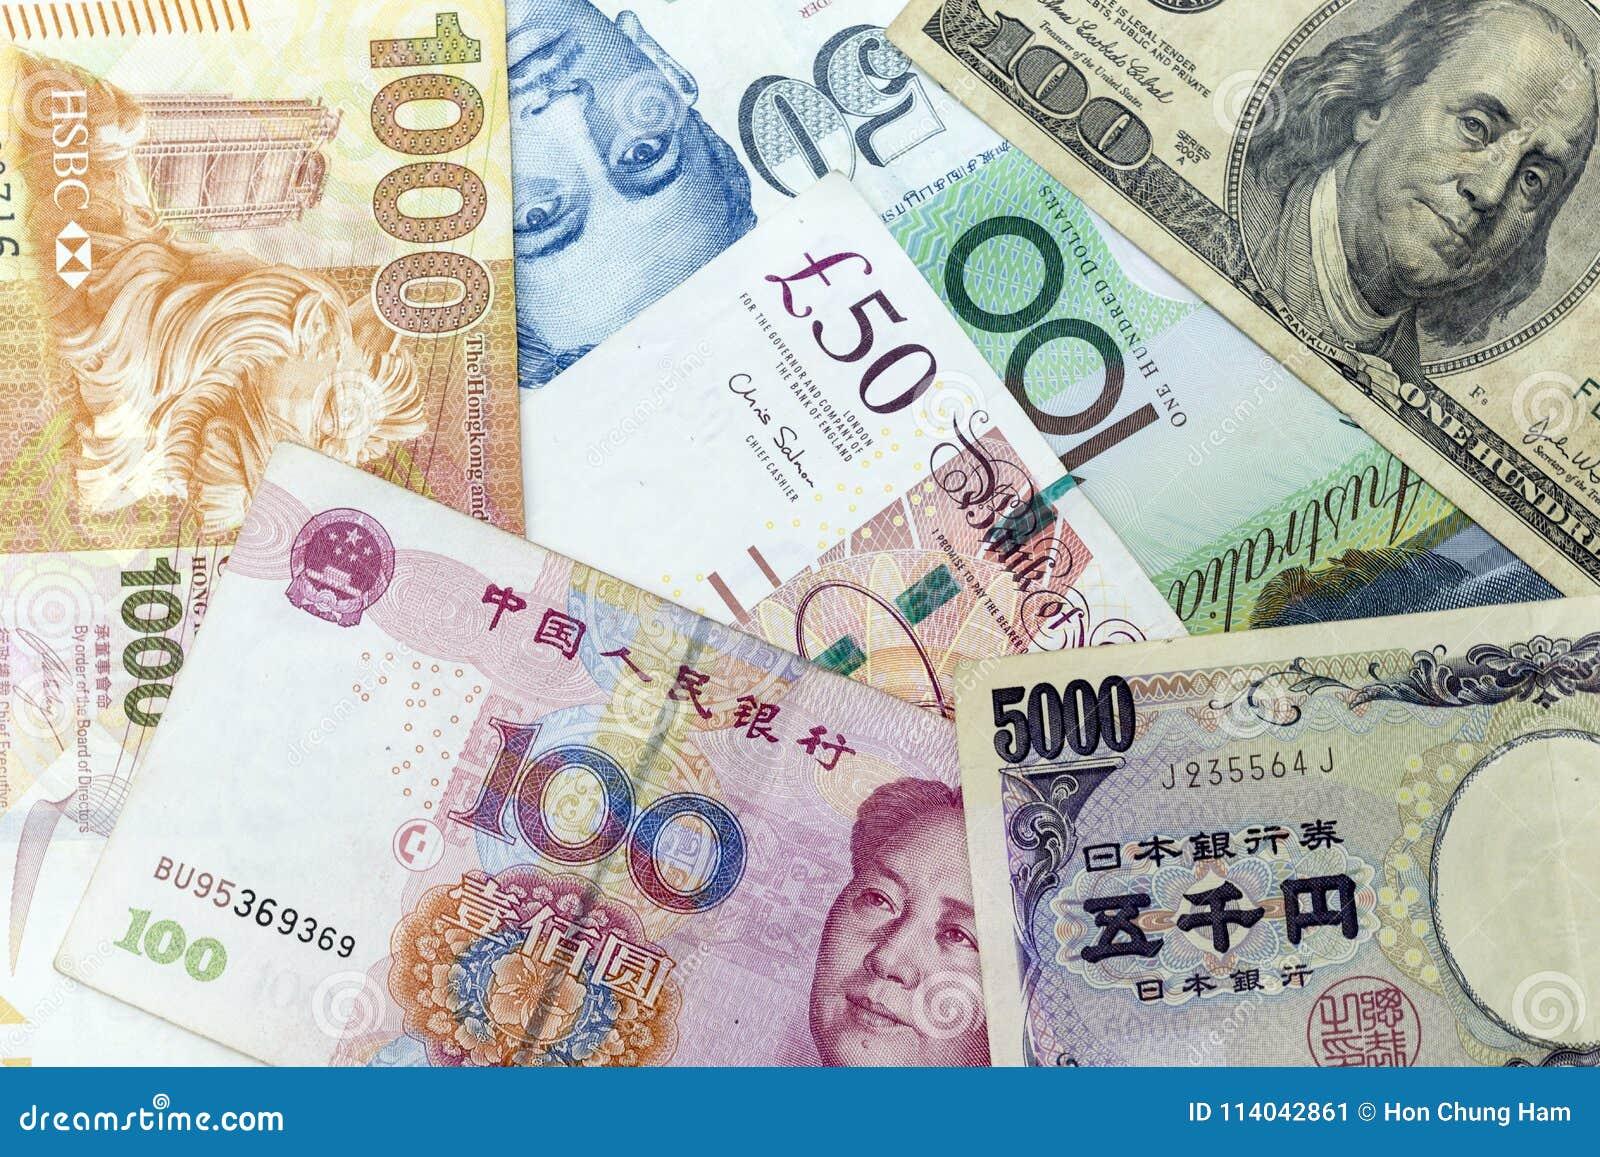 Muntbankbiljetten over kader met inbegrip van wereld belangrijke munten die worden uitgespreid